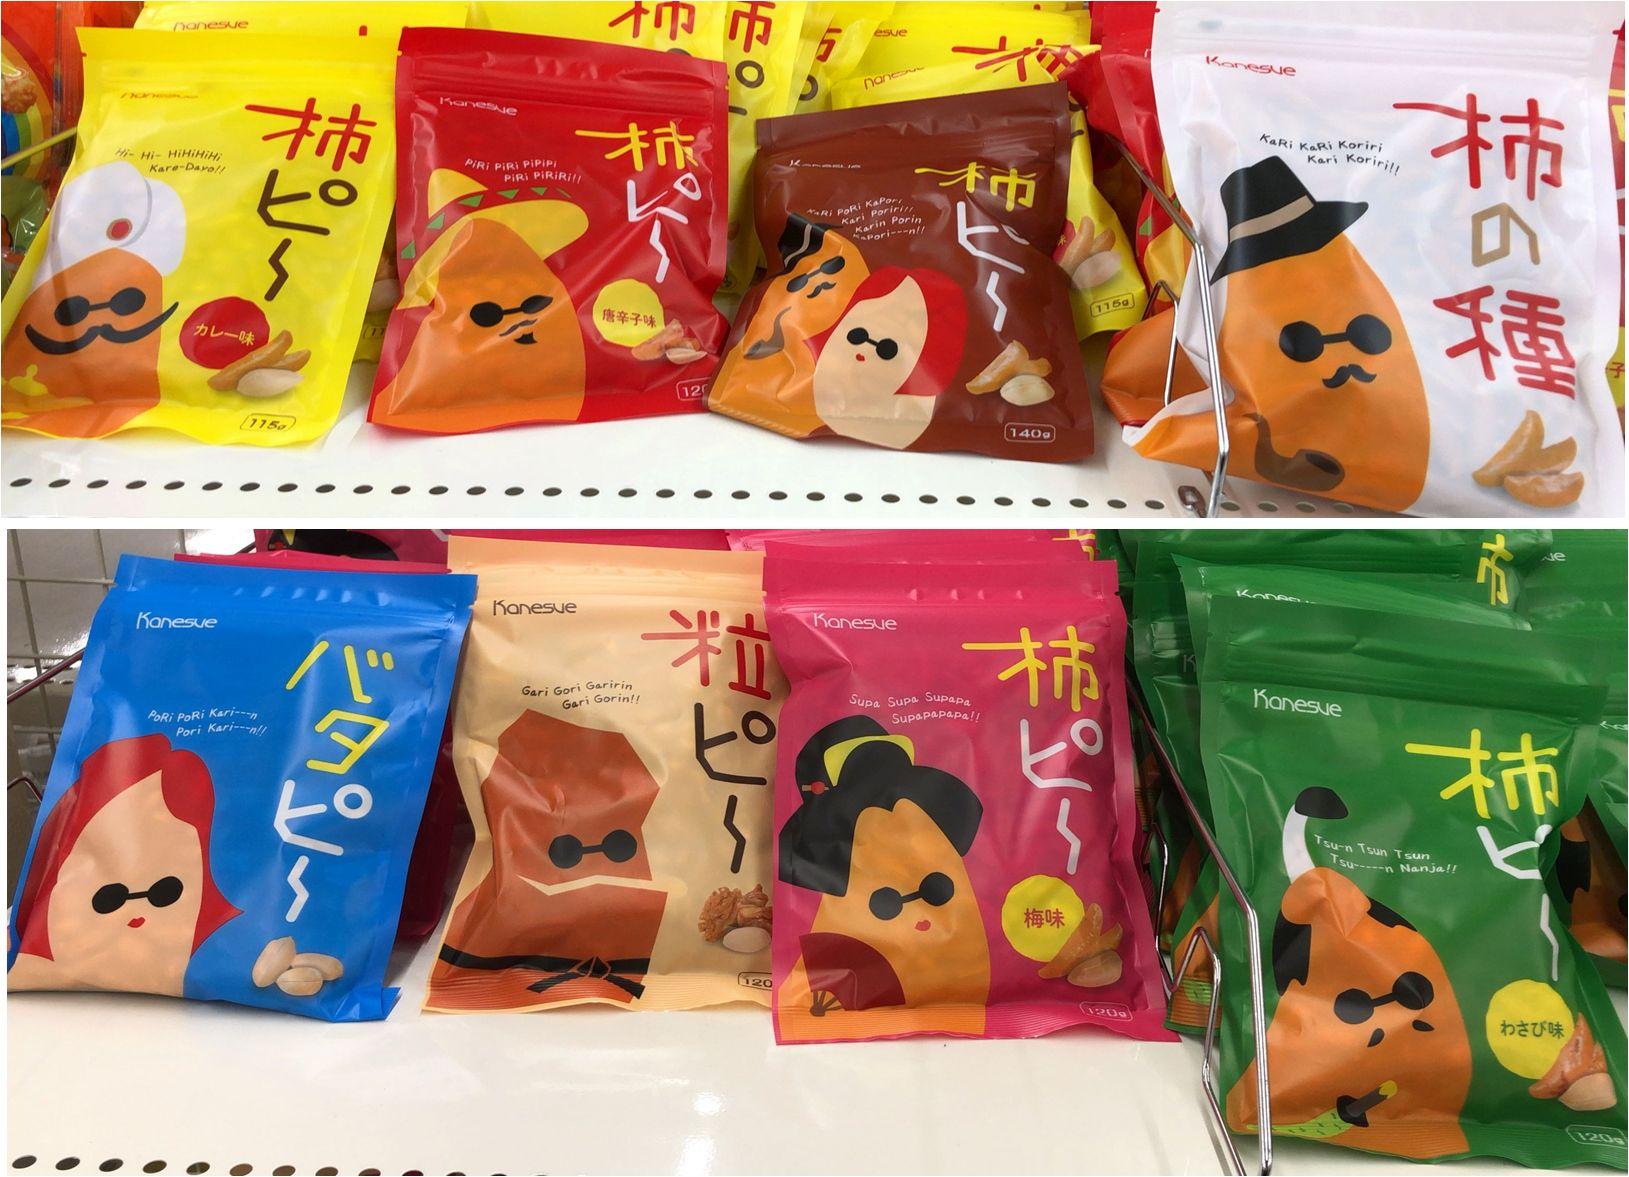 カネスエ社の新プライベートブランド商品? 「柿ピー」シリーズに目が留まる。パッケージデザイン・ディレクション。いこい(名古屋市)製造